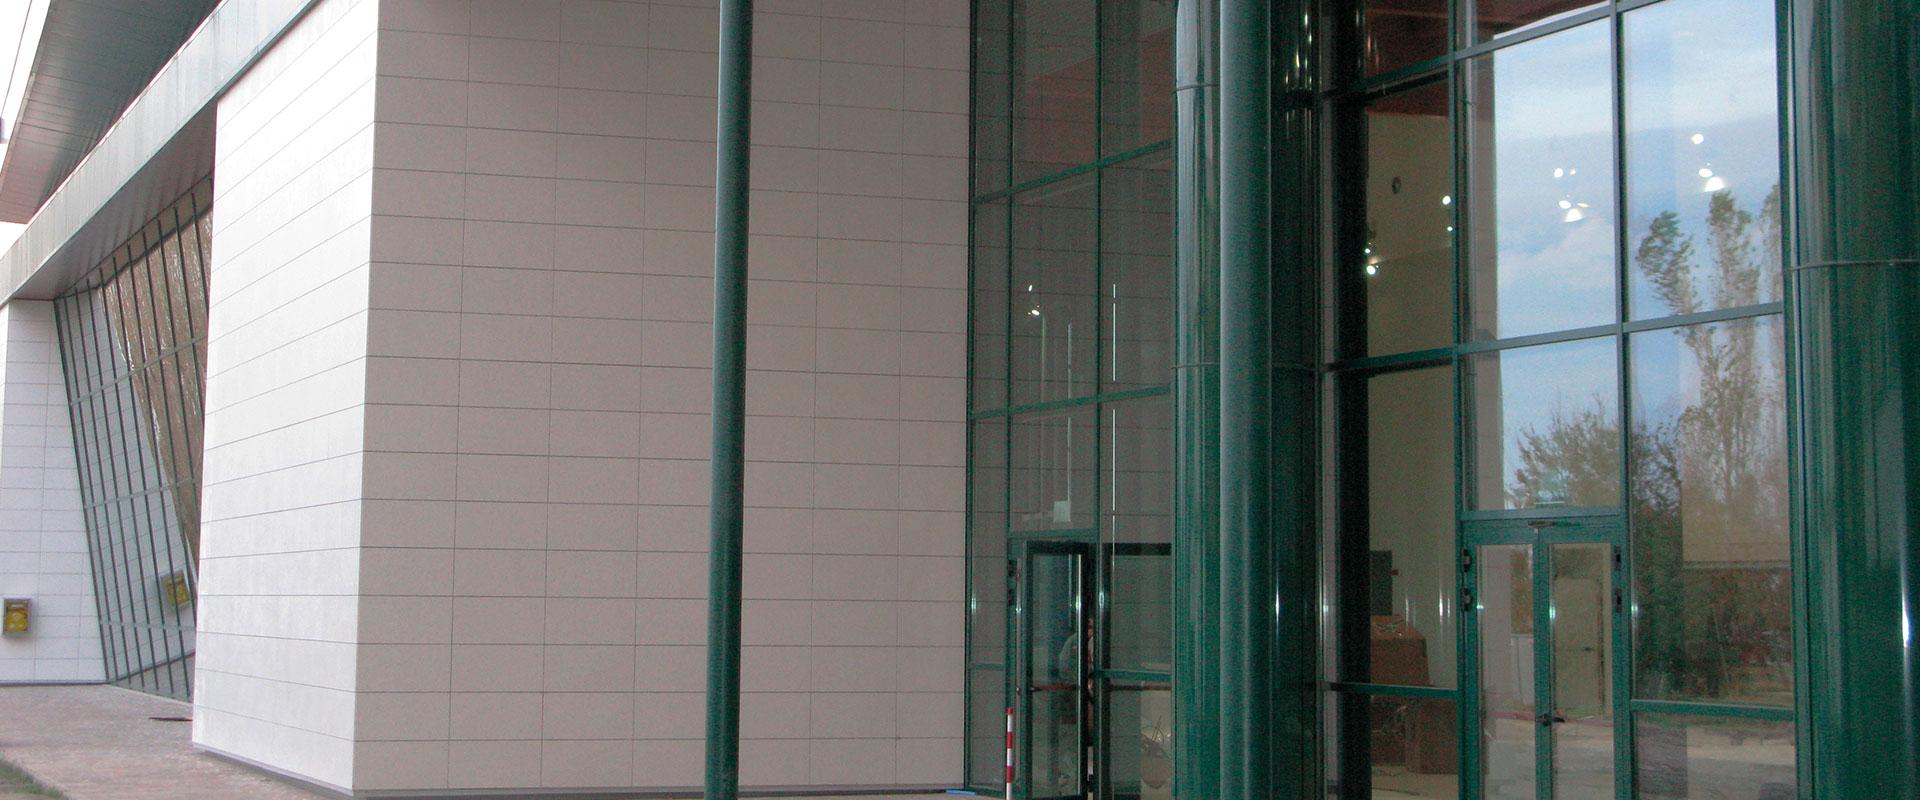 AGGLOTECH-progetto-ospedale-rovigo-slider-2